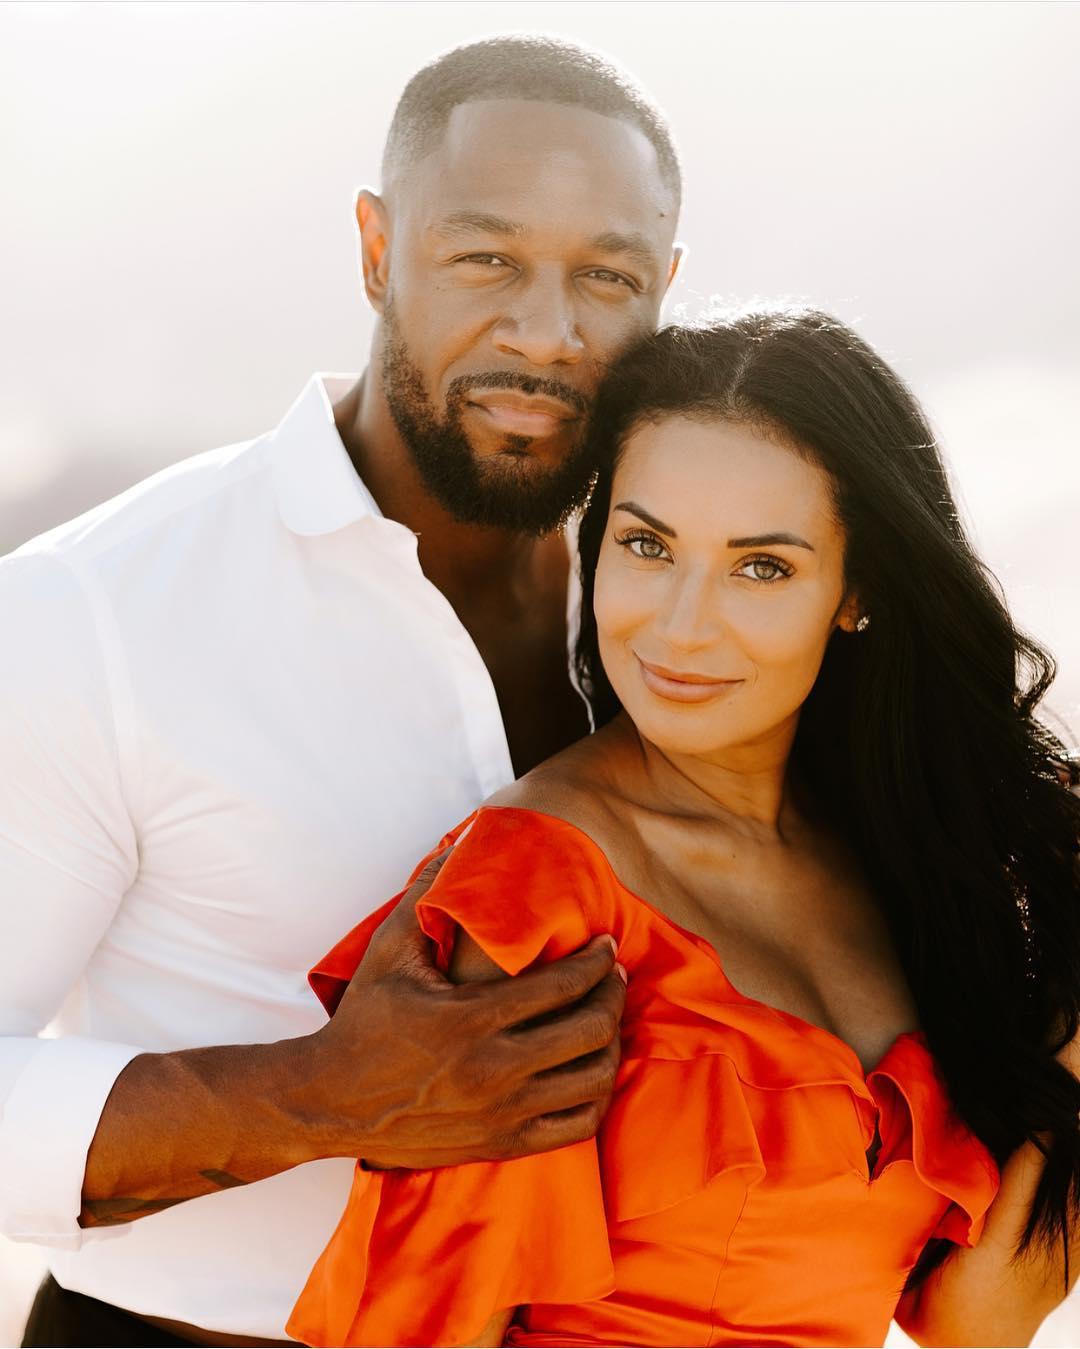 c37fcc0908130 R B Singer Tank Marries Longtime Girlfriend Zena Foster